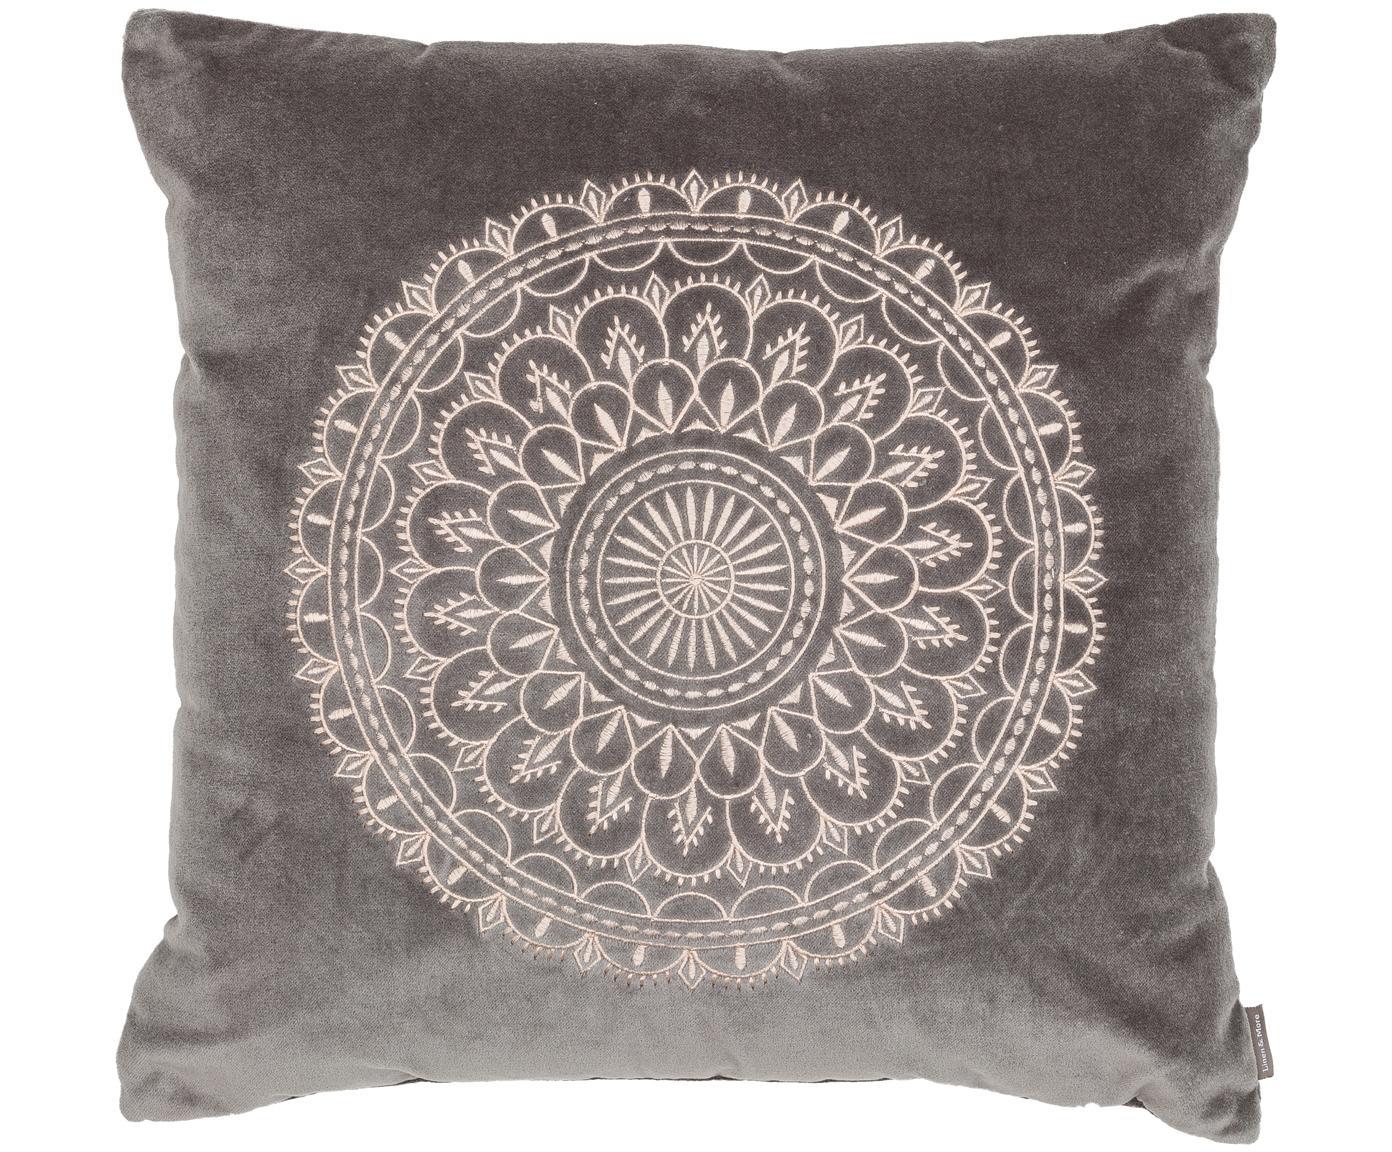 Cuscino in velluto ricamato Preston, Grigio, crema, Larg. 45 x Lung. 45 cm